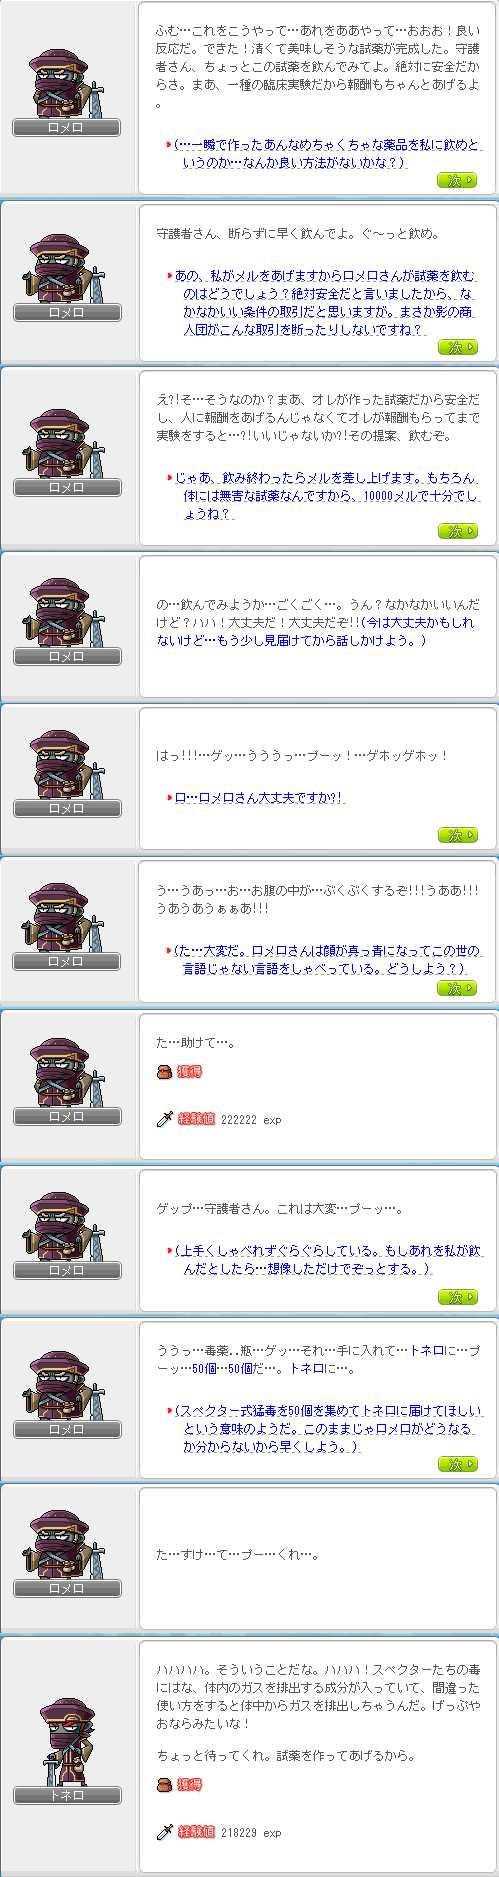 2013_0301_0035.jpg